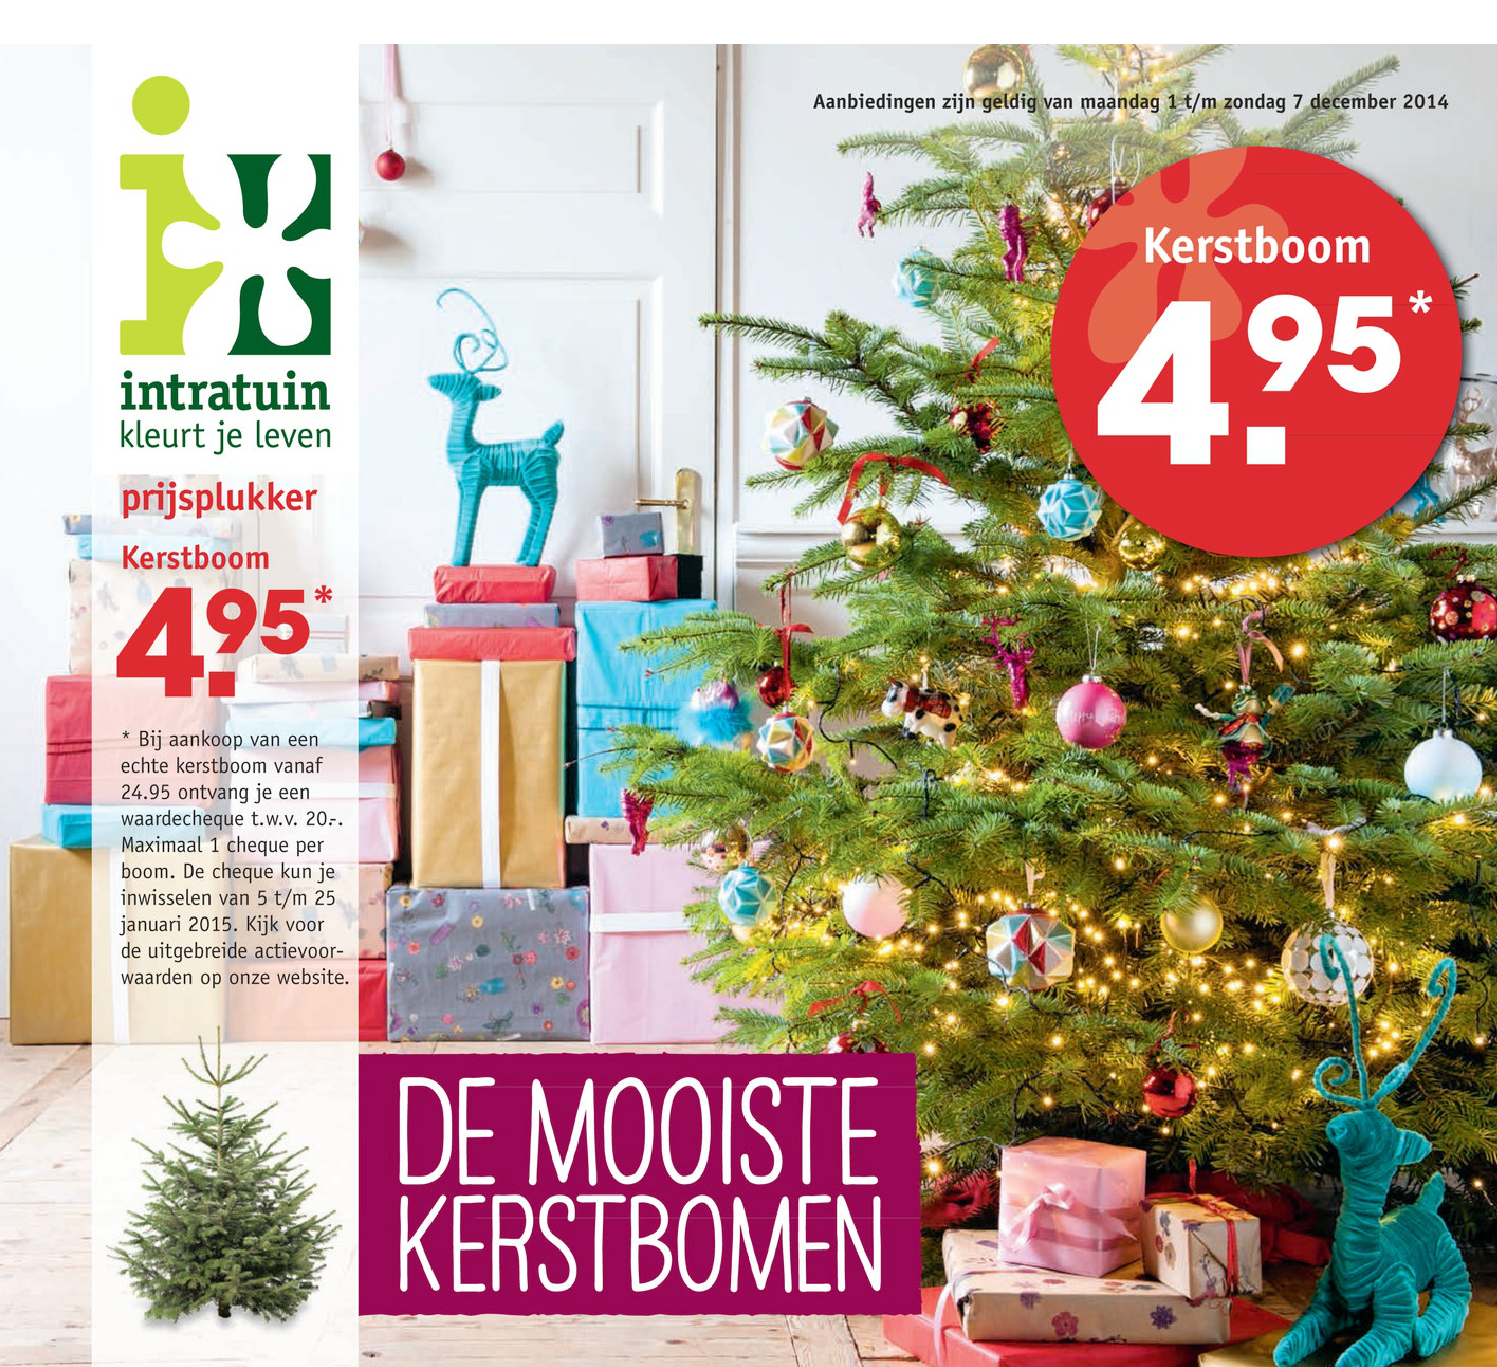 Kerstboom Kopen Bij Intratuin - ARCHIDEV